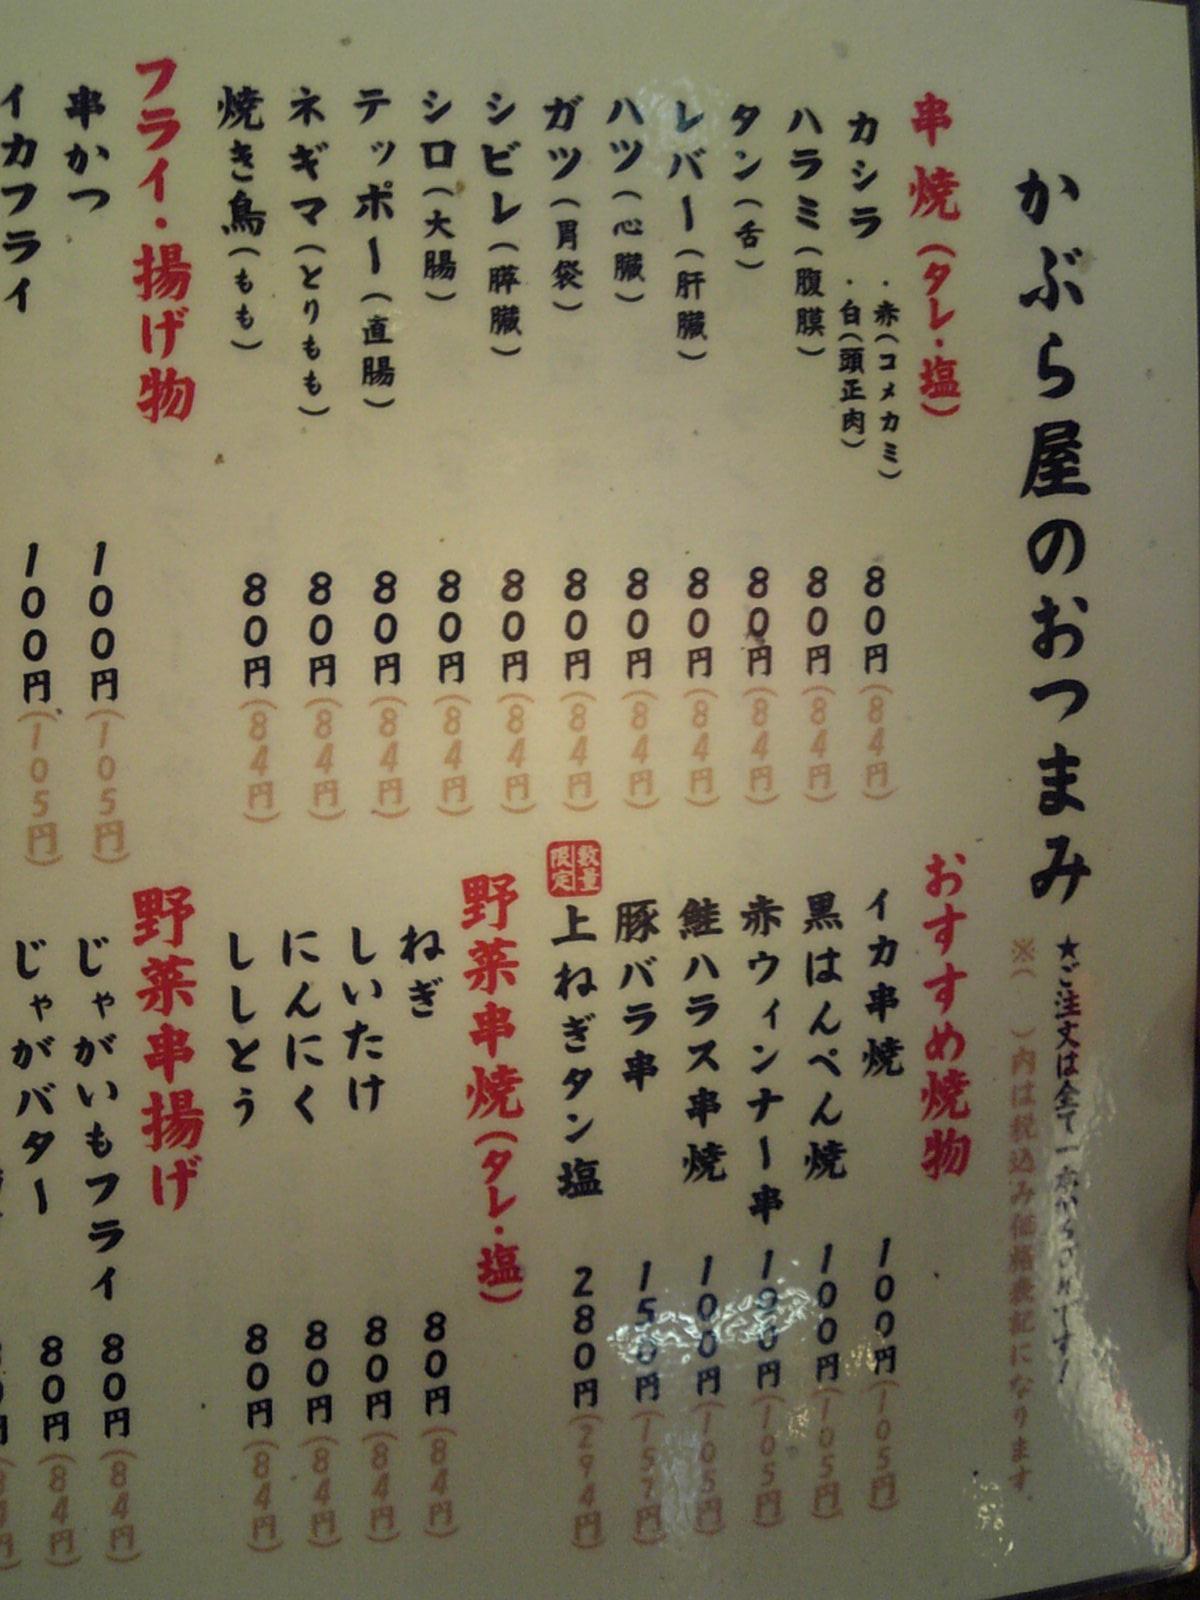 かぶら屋 静岡紺屋町店 name=